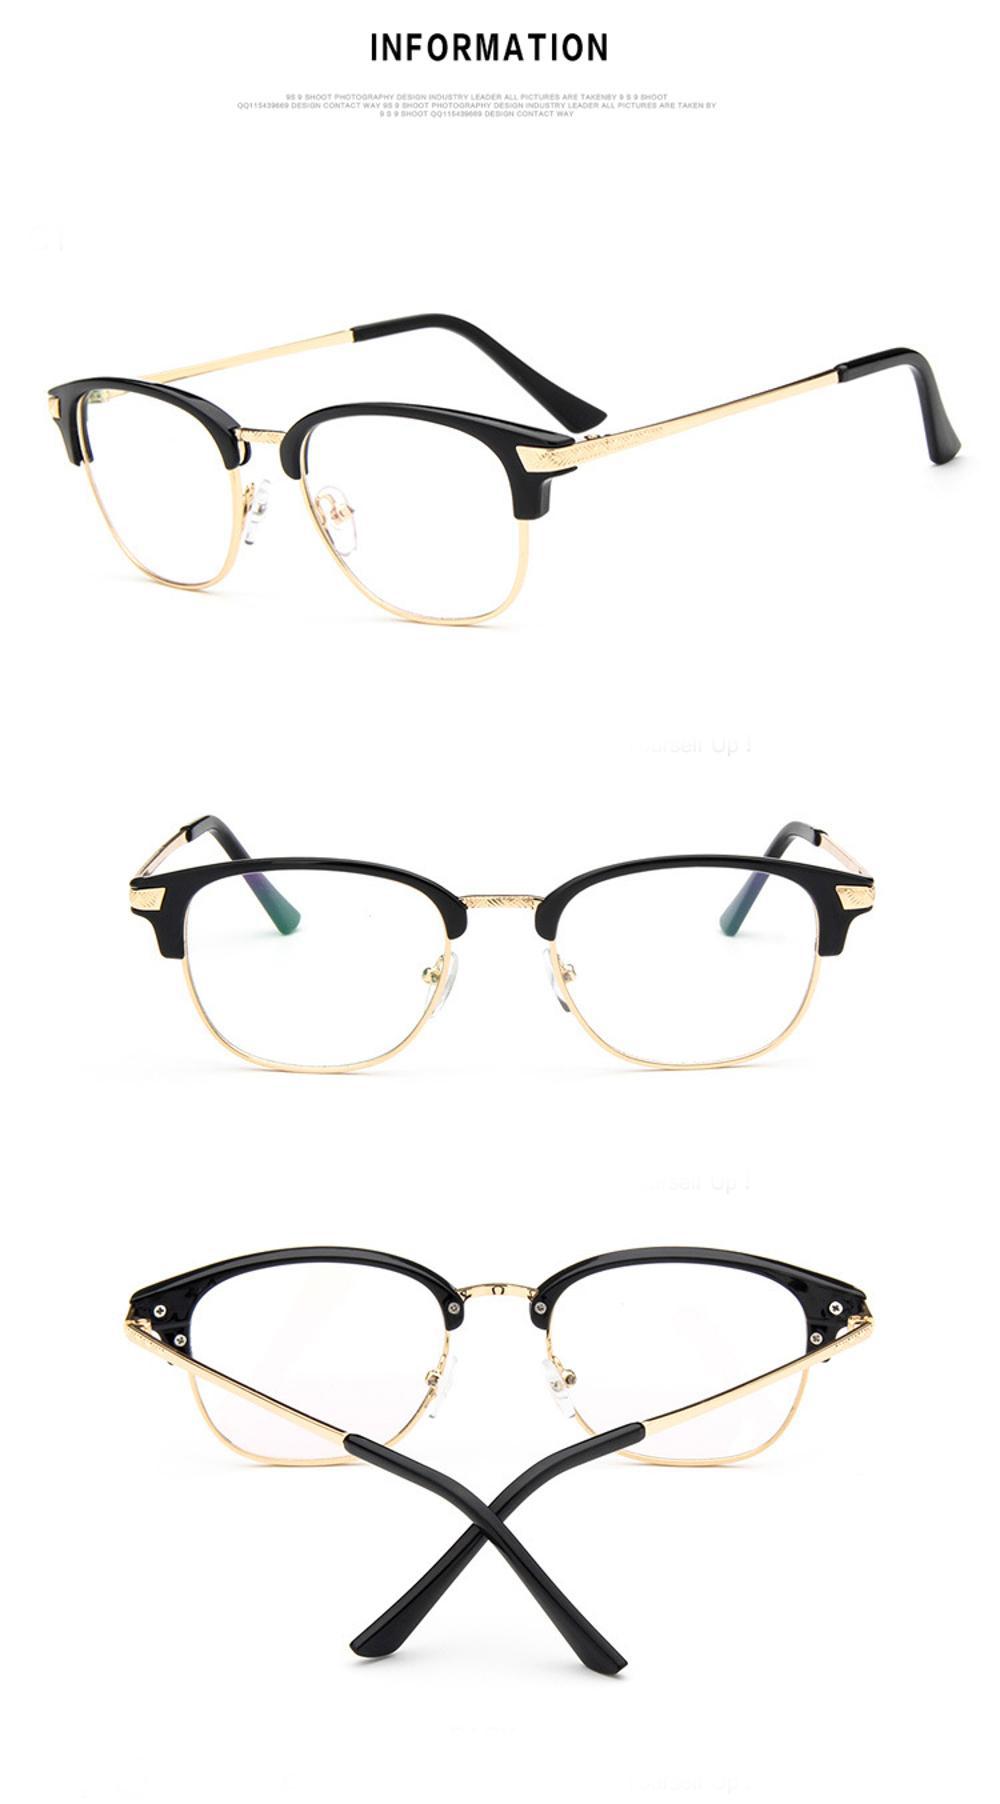 2c629f33cd Brand Retro Spectacle Frames Nerd Eyeglasses Women Vintage Female Clear  Lens Glasses For Men clear frame